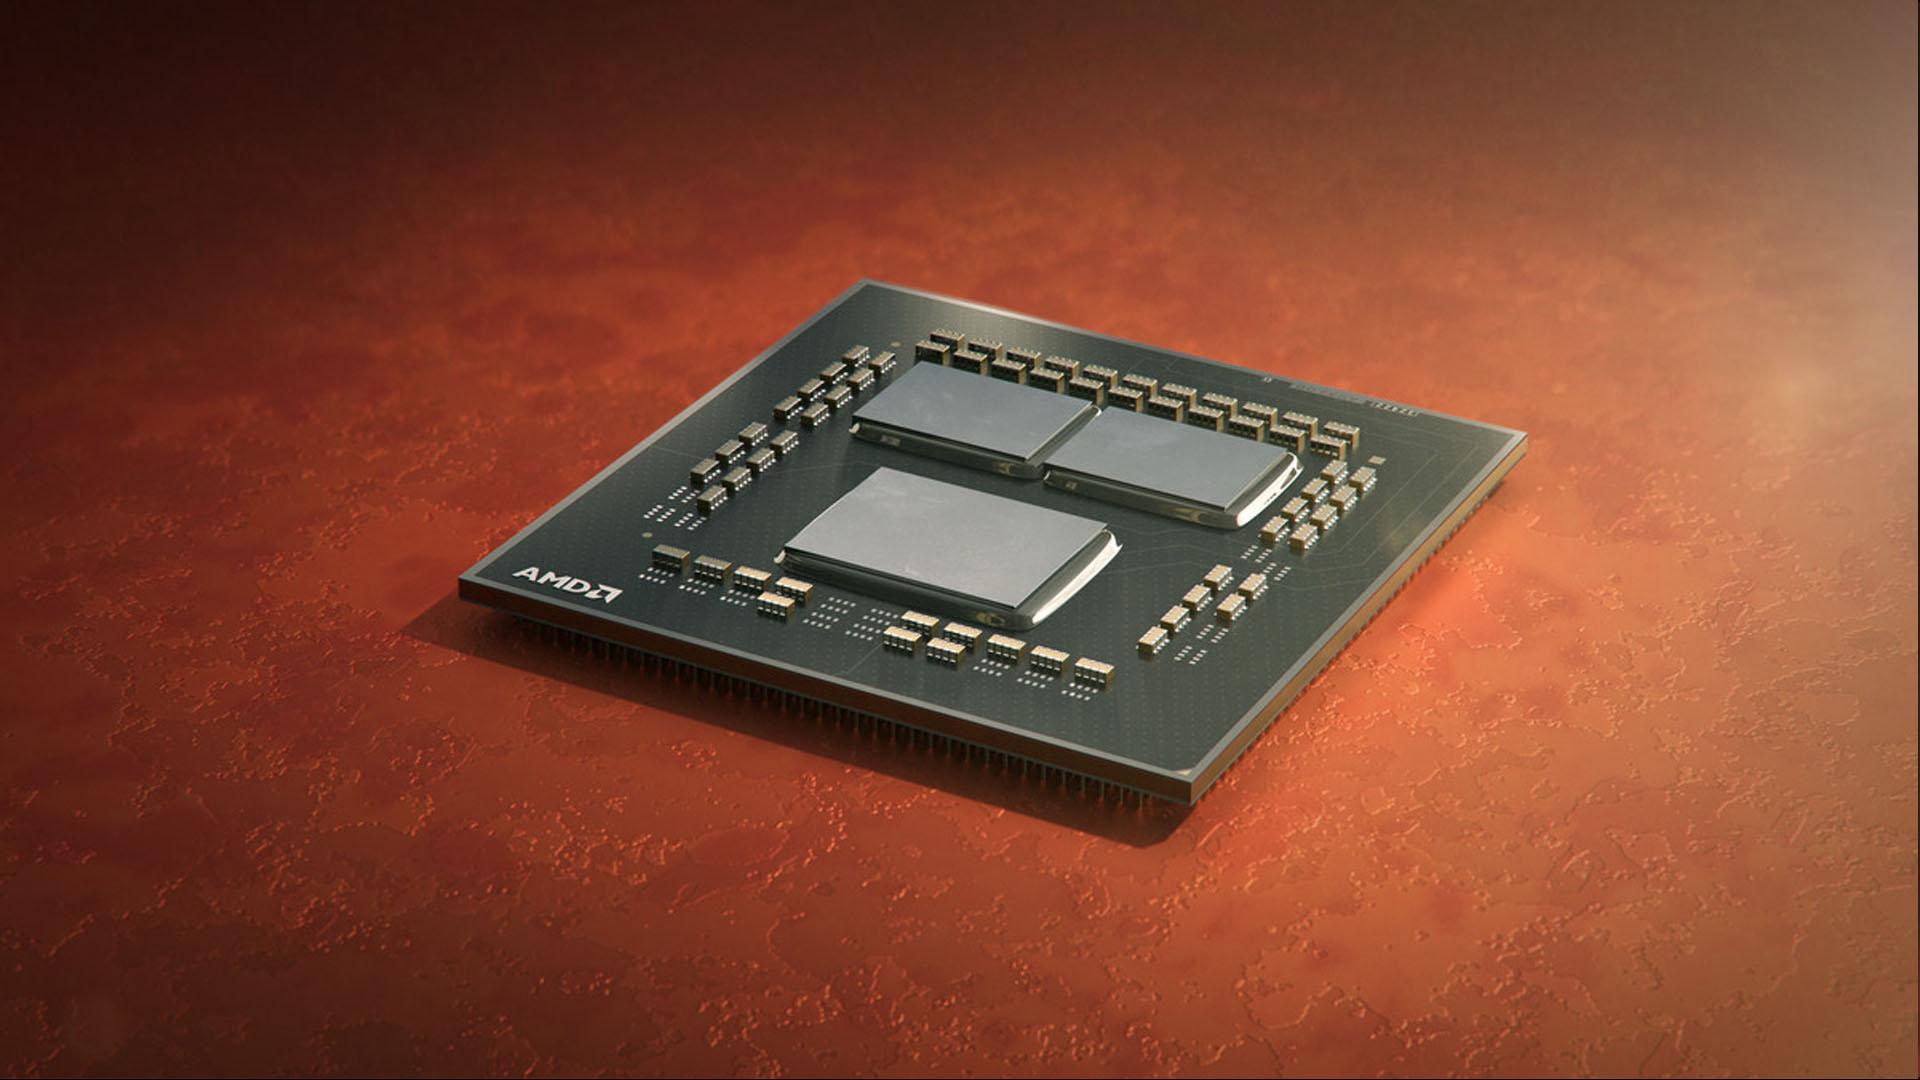 معالجات Ryzen 5000 الجديدة من شركة AMD متاحة للشراء بداية من اليوم